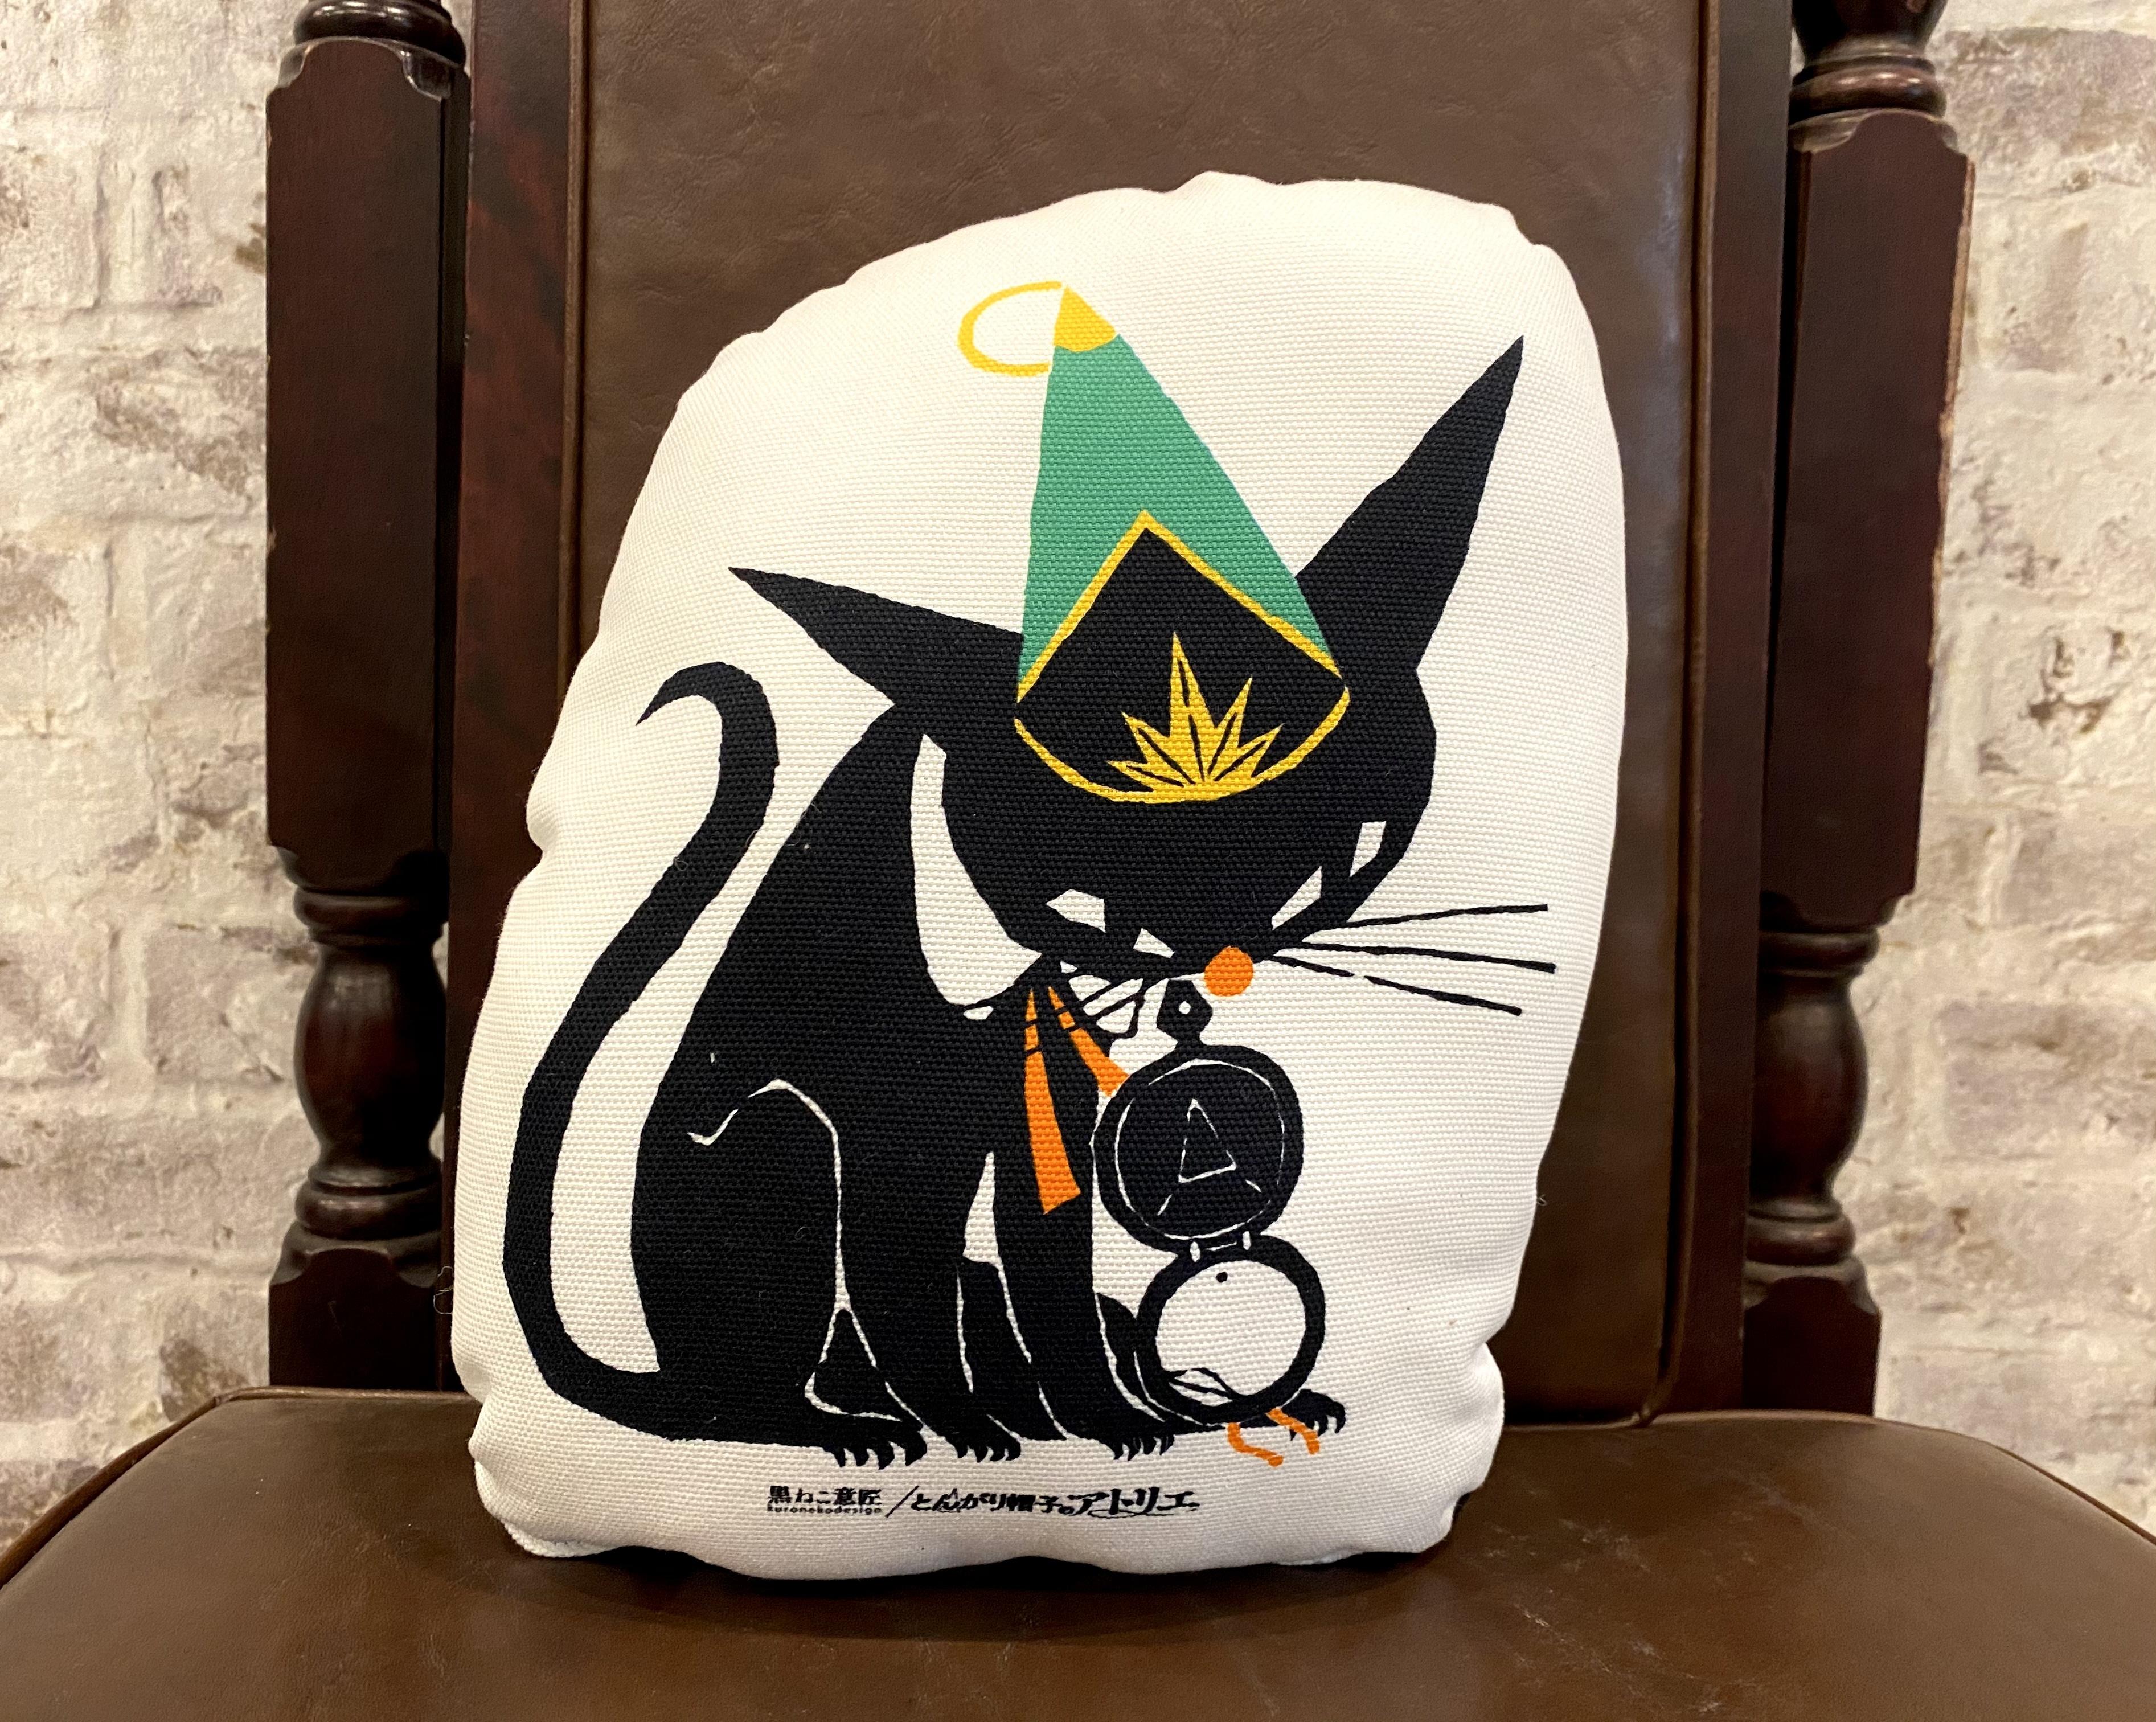 〈とんがり帽子のアトリエ×黒ねこ意匠〉クッションオブジェ(ユイニィ)